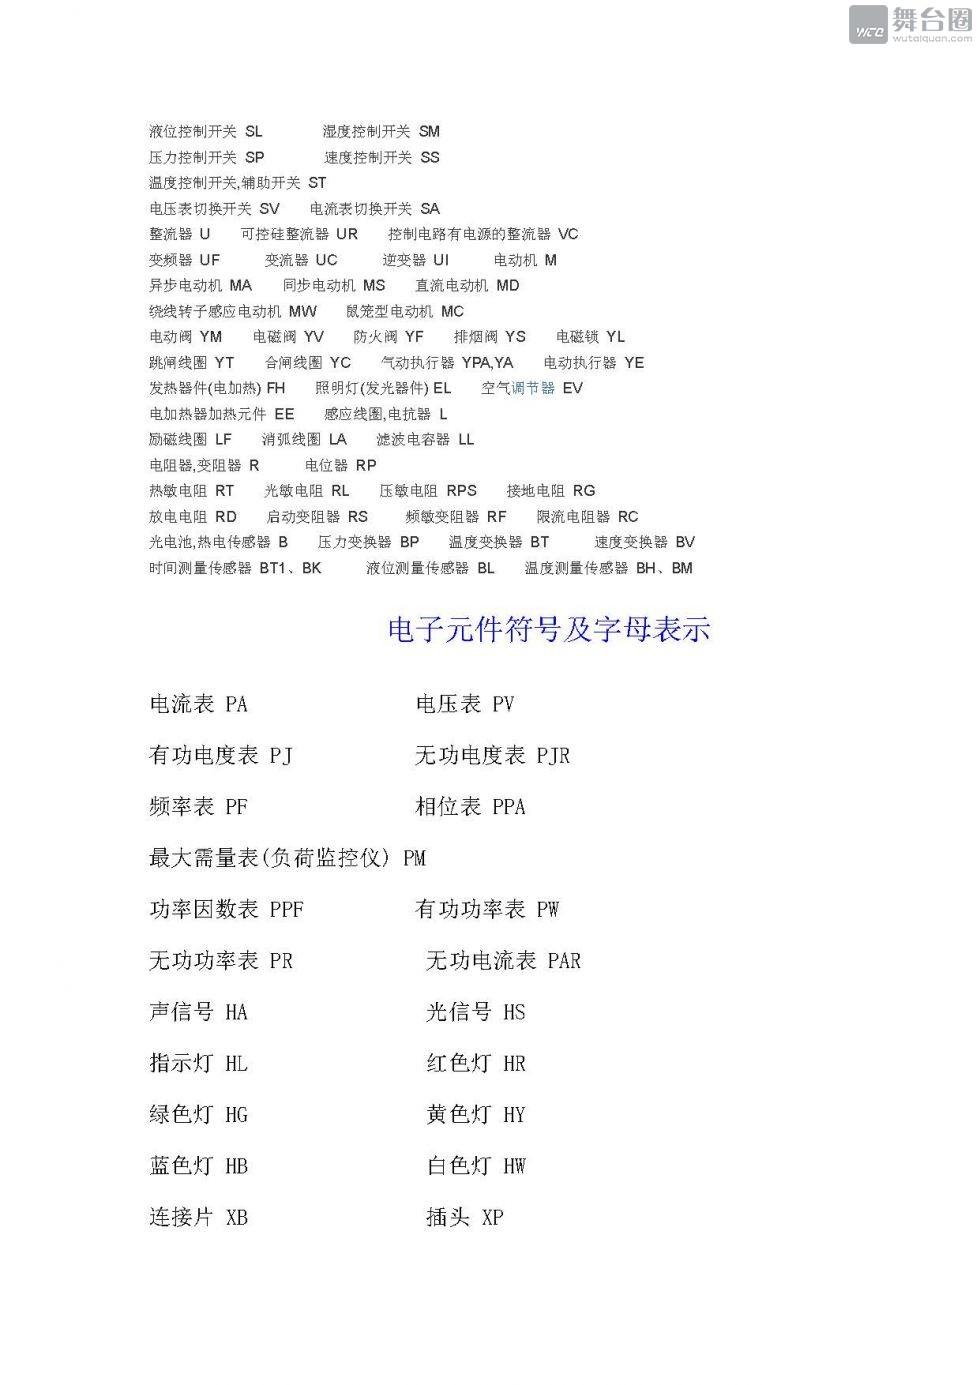 电子元件符号大全_页面_08.jpg